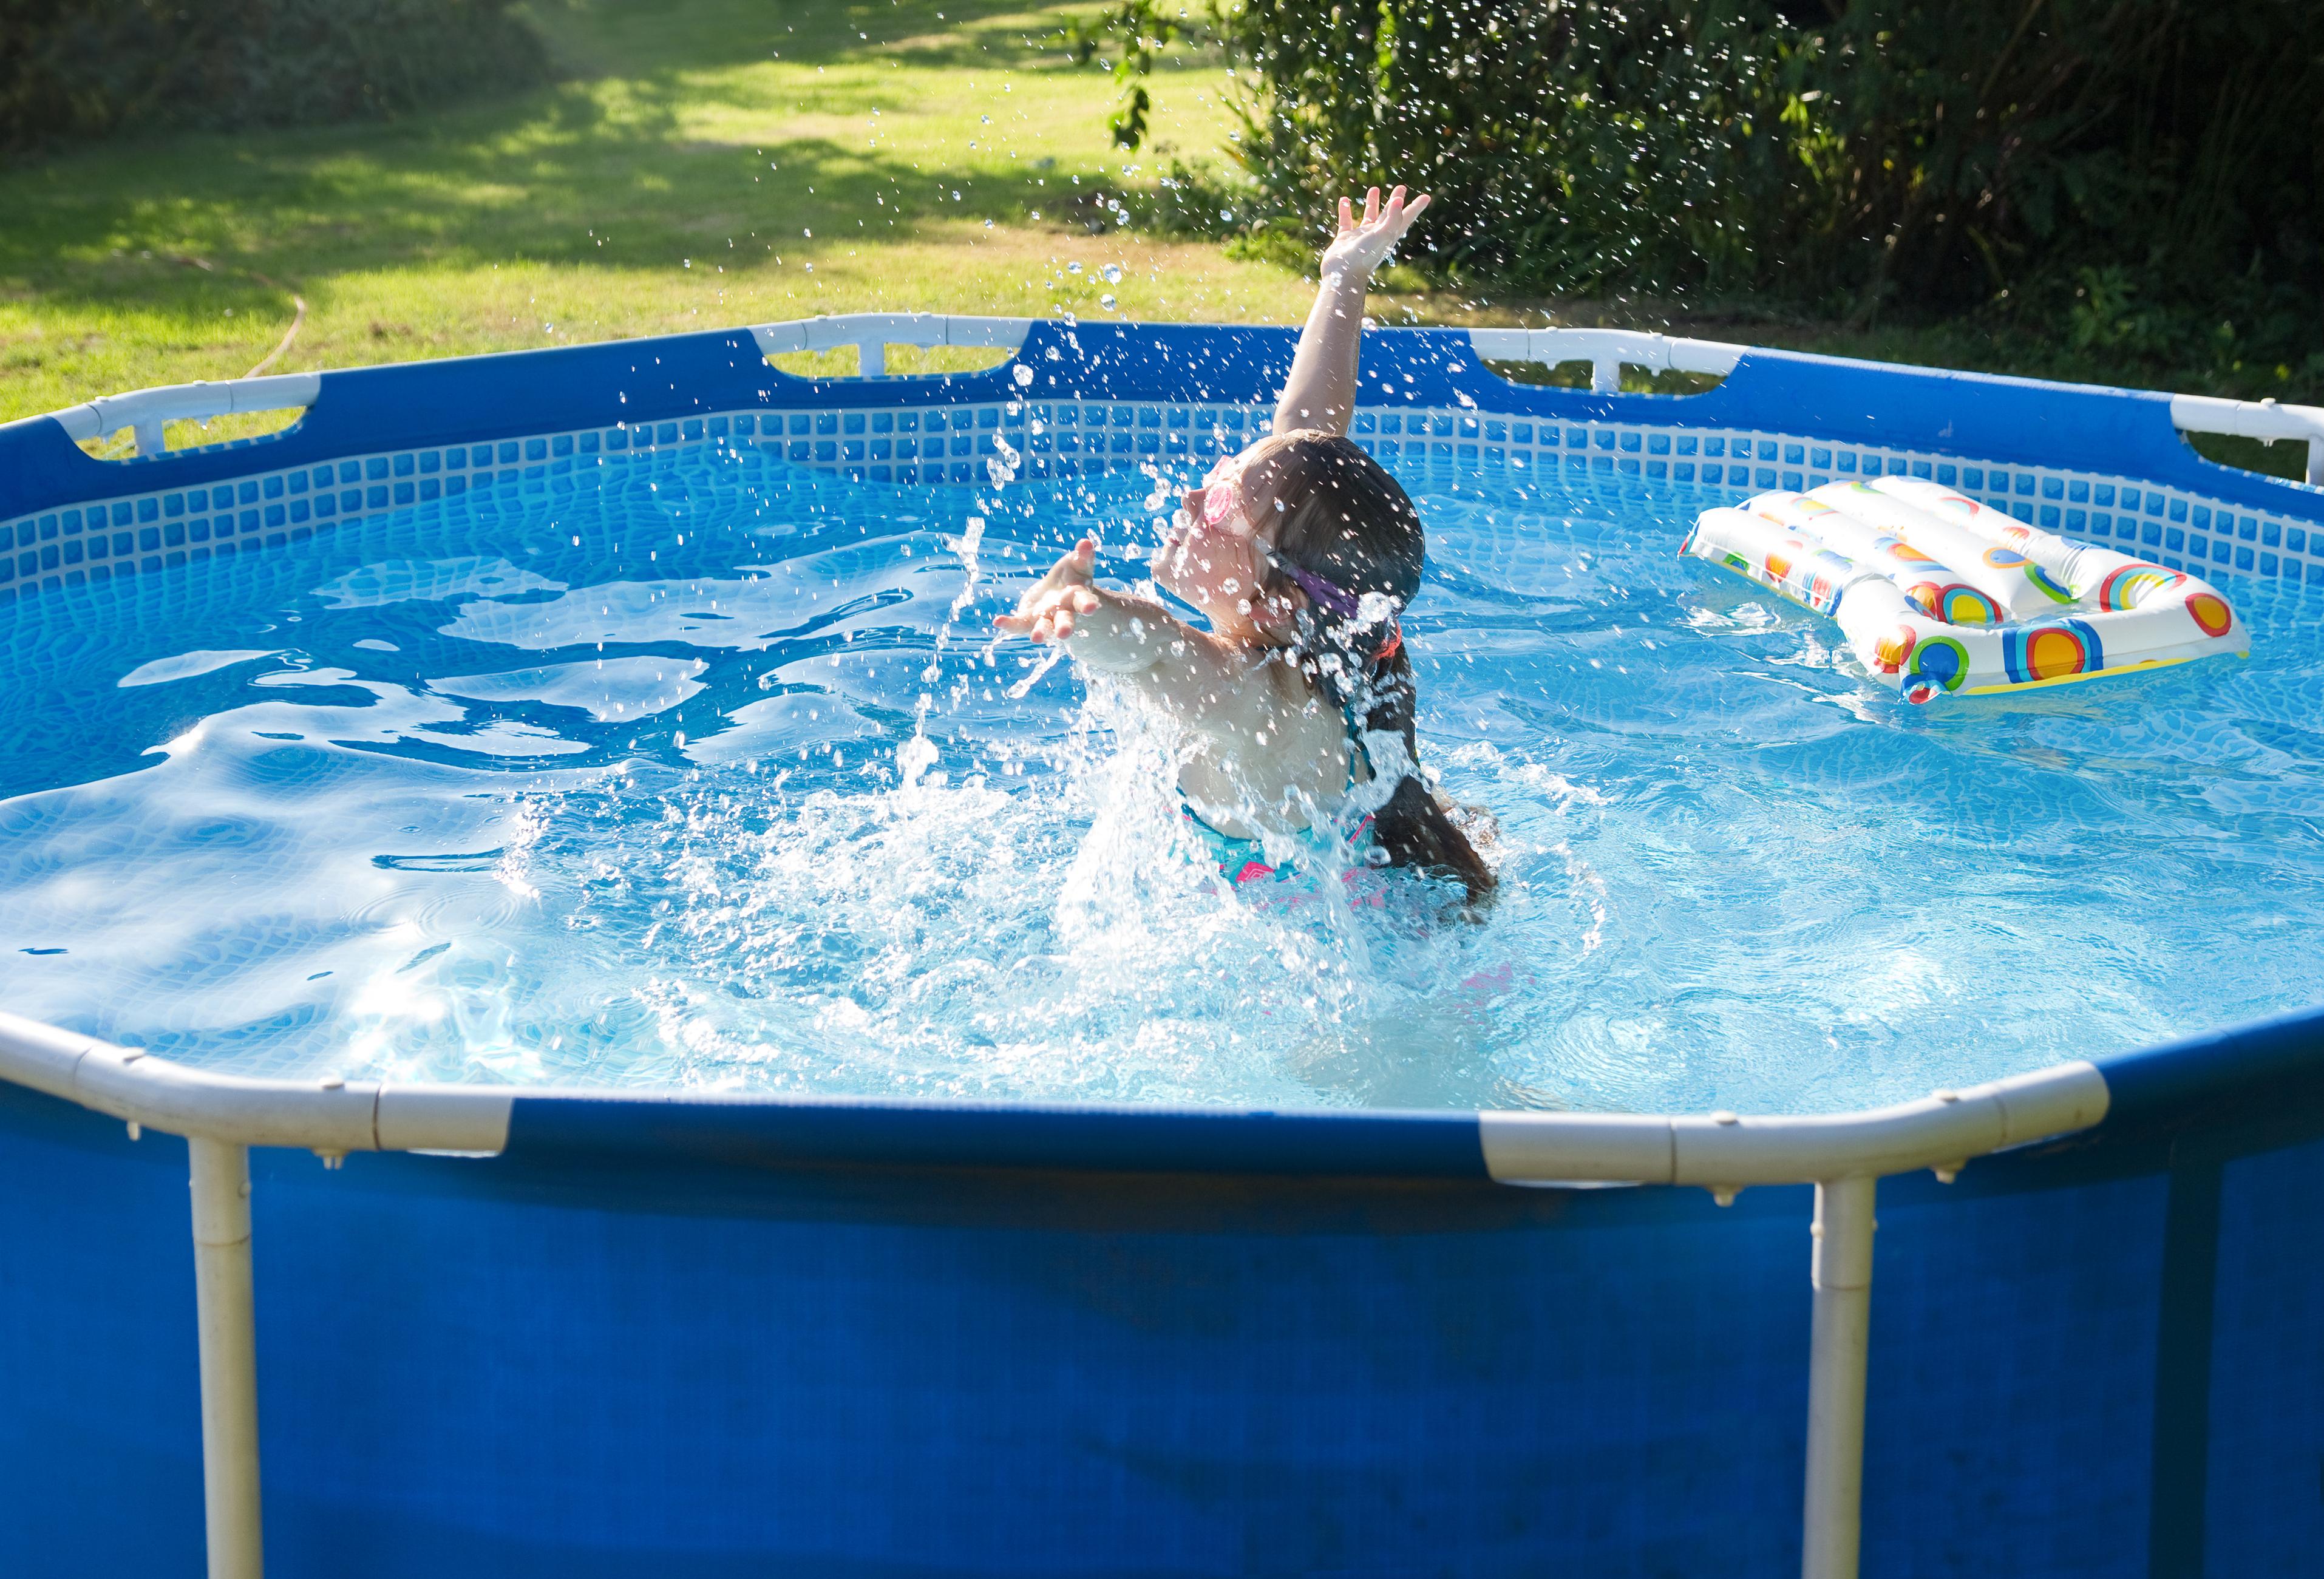 person splashing in pool